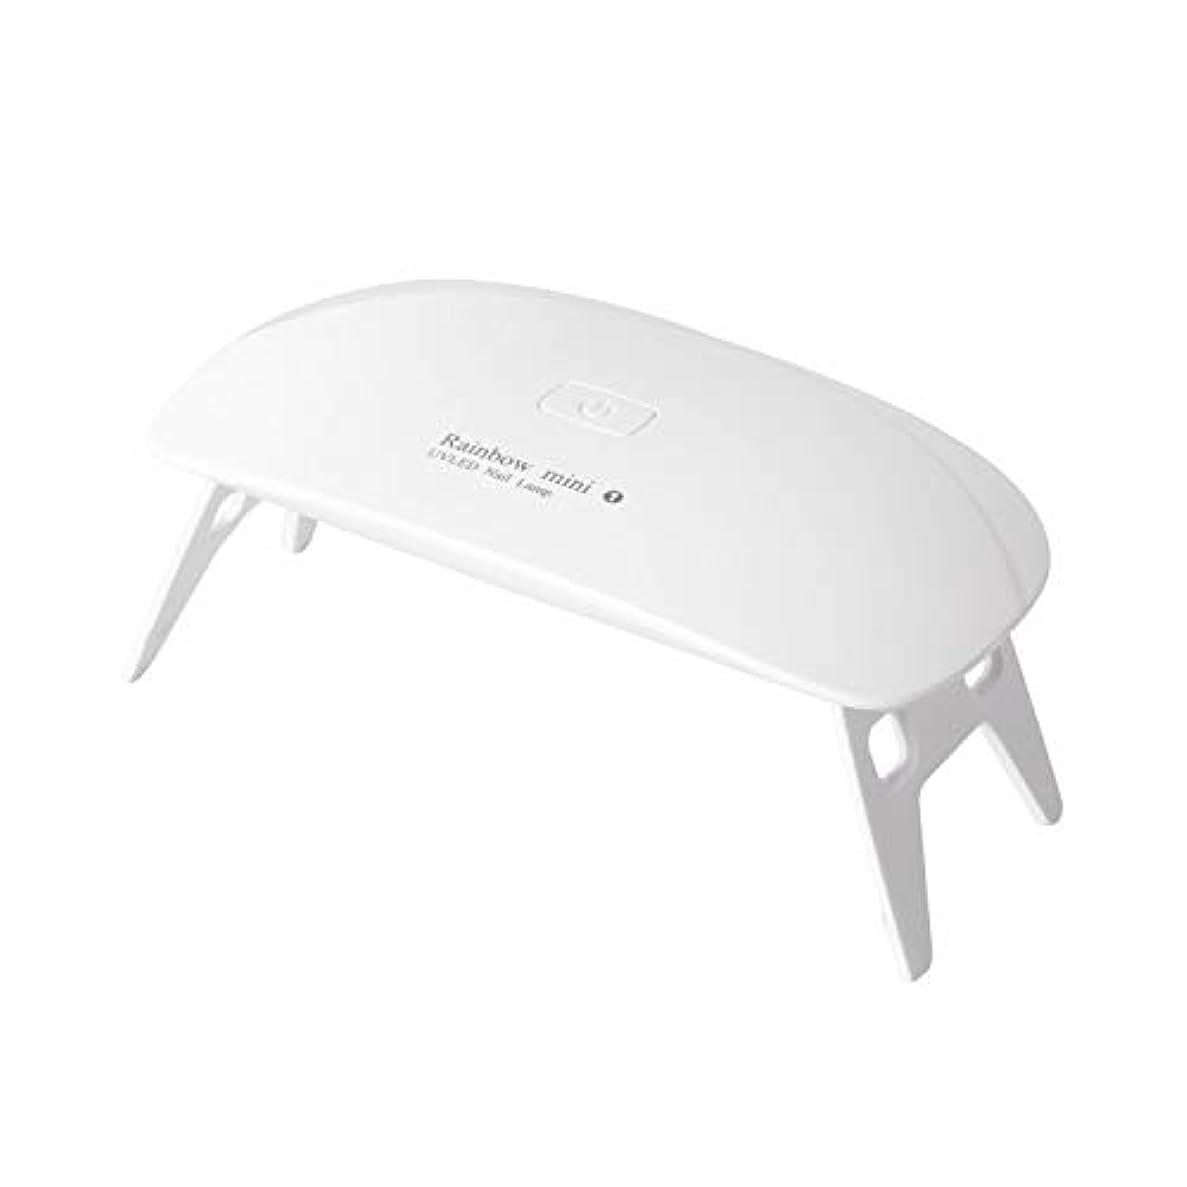 豆あご状態LEDネイルドライヤー AmoVee UVライト 硬化用UVライト タイマー設定可能 折りたたみ式 ジェルネイル用 ホワイト